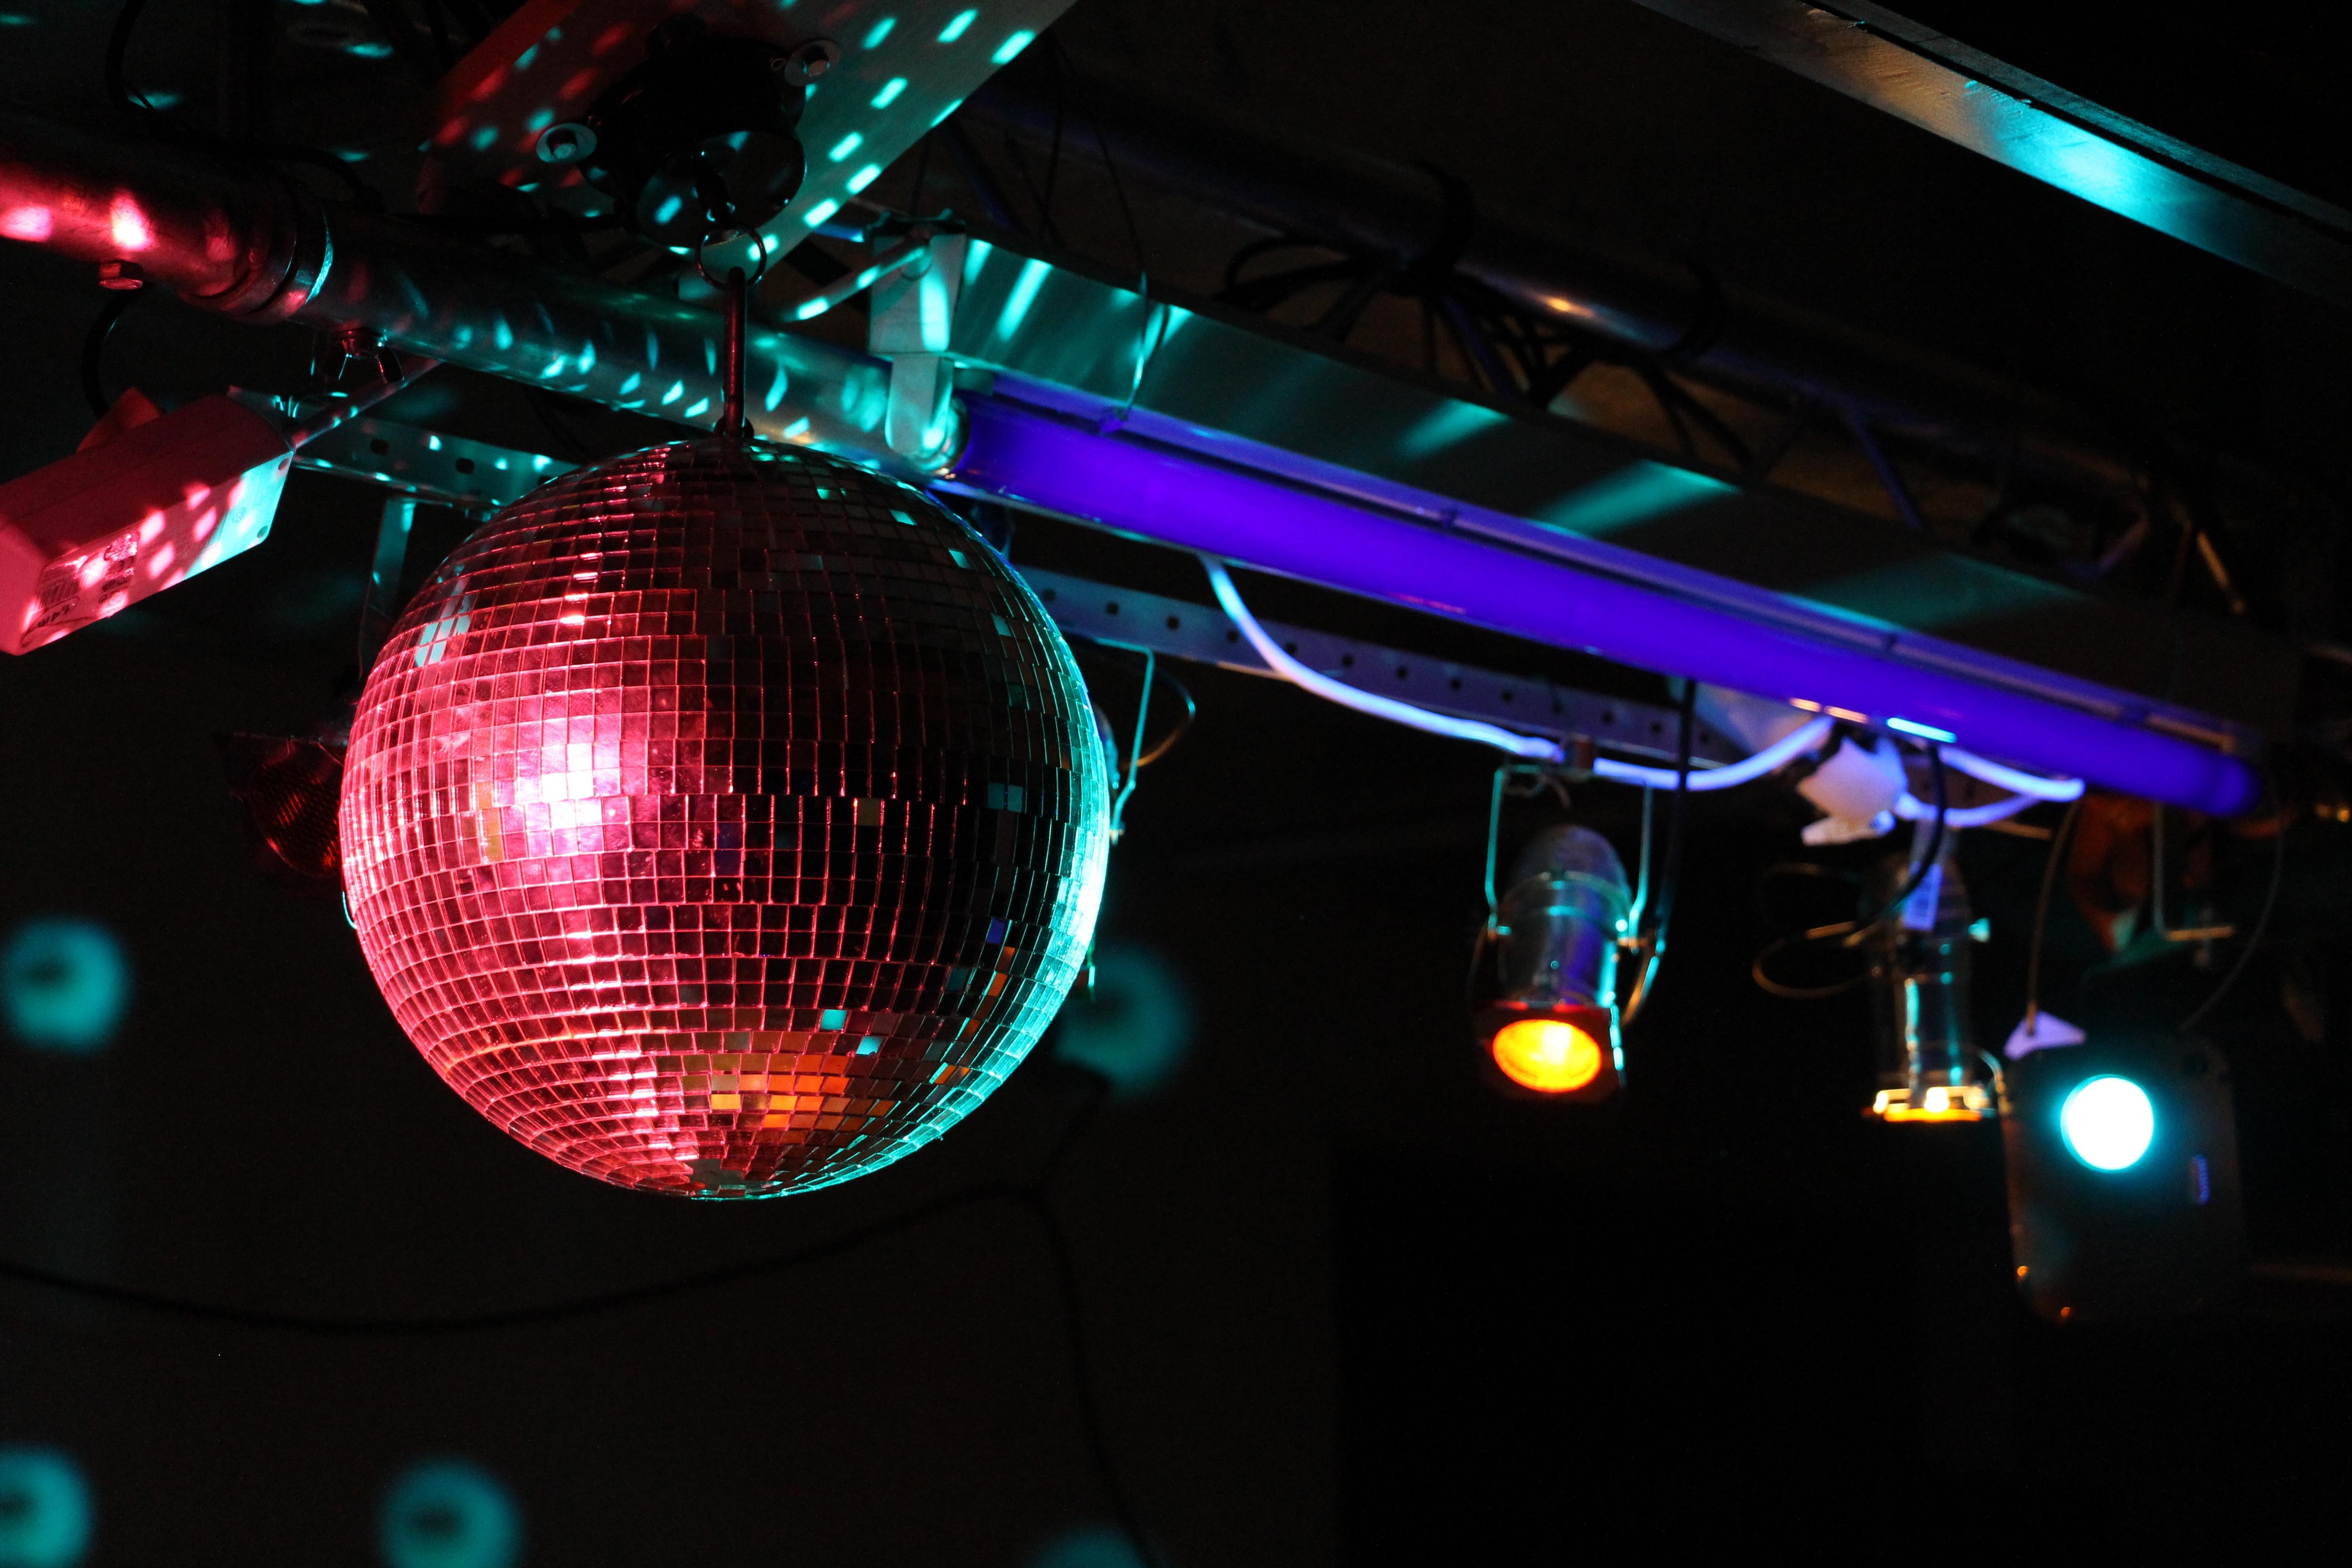 En servicio de discoteca espanola follandose a 2 chicas - 3 part 9